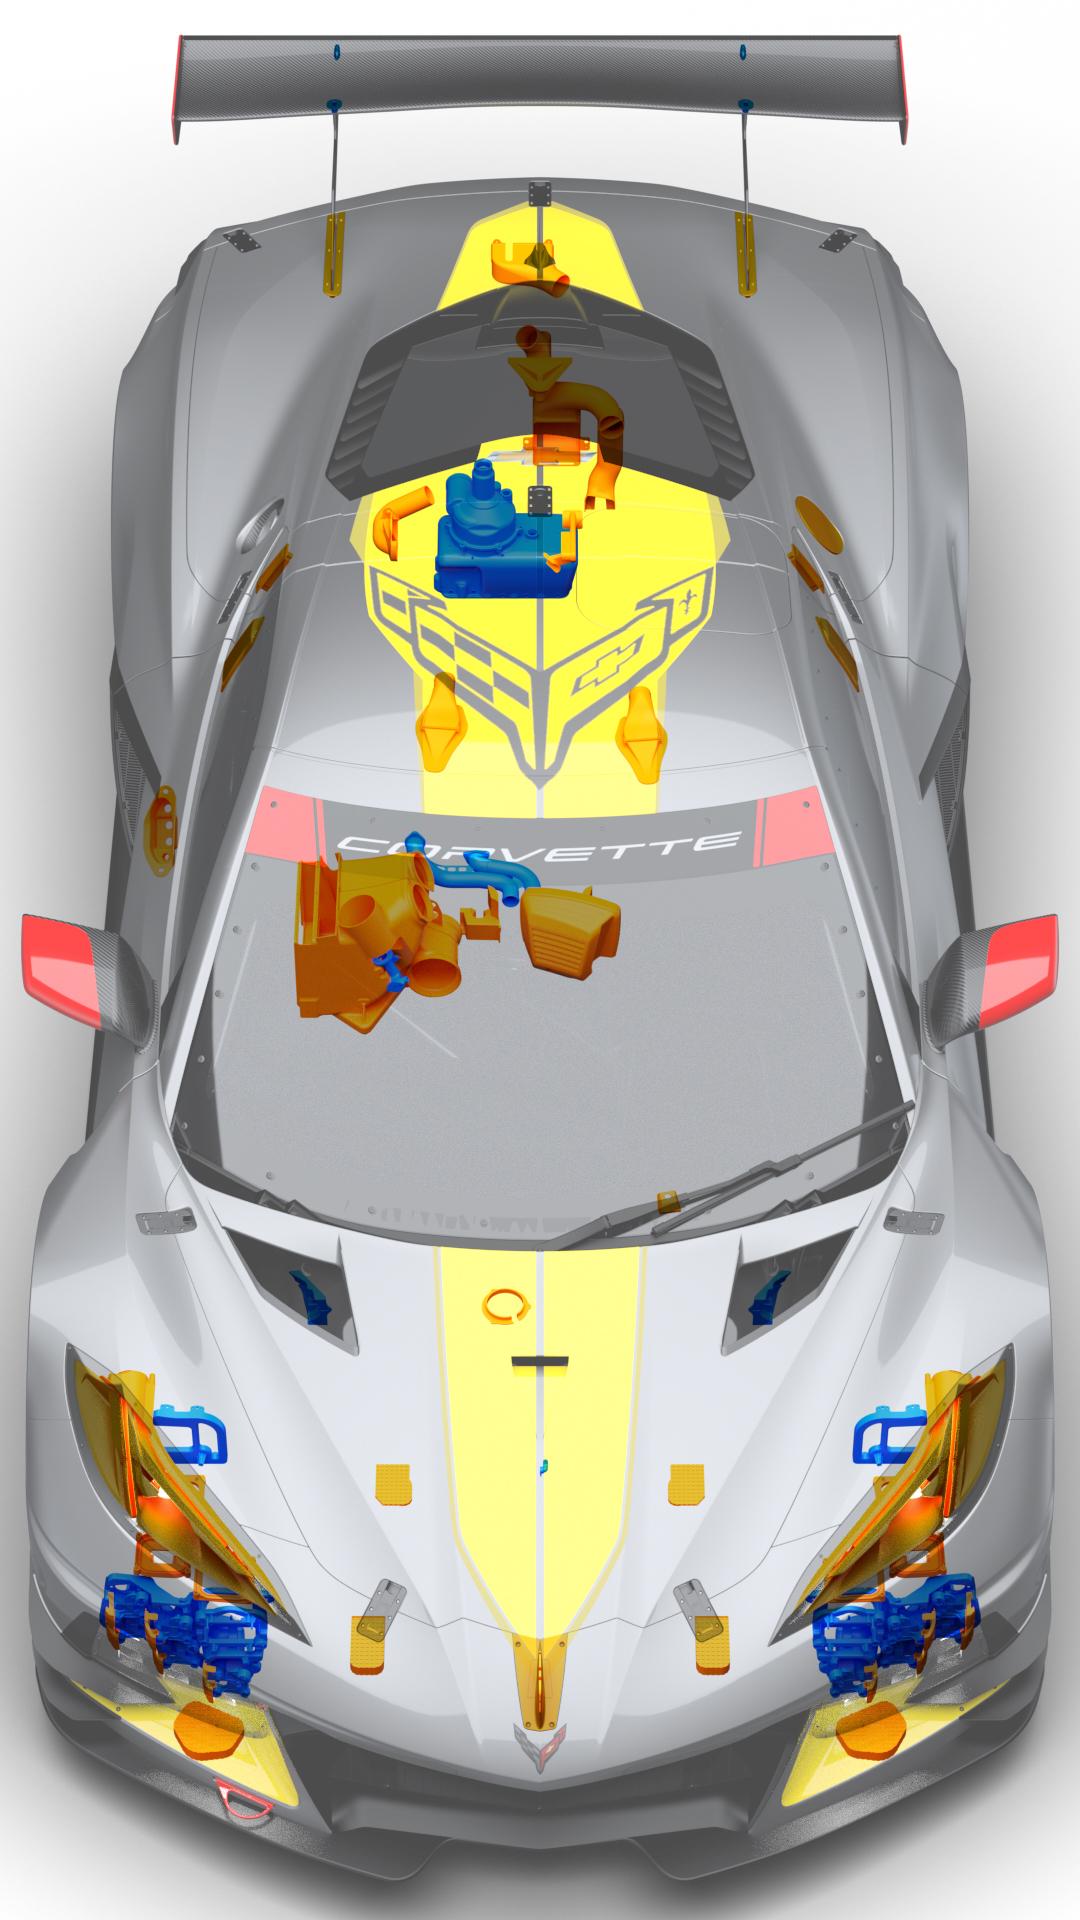 3d baskı parcalarını gosteren model